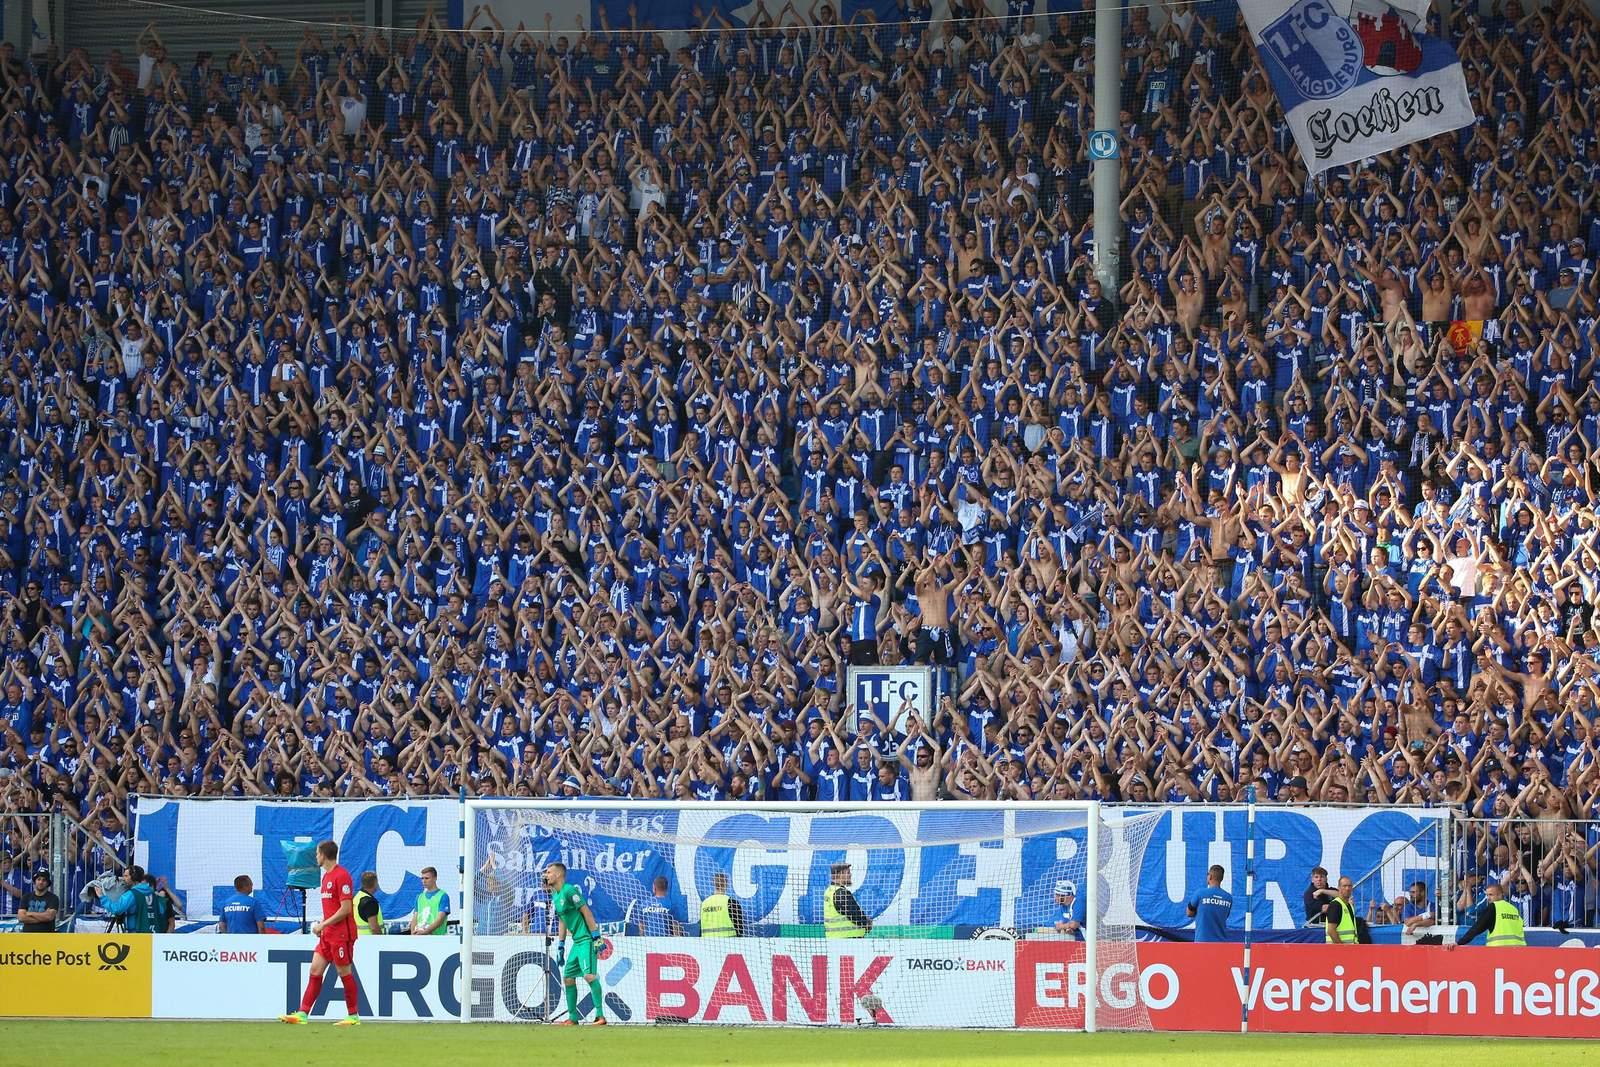 Stehen wie eine Wand hinter ihrem Verein: Die Fans des 1. FC Magdeburg.